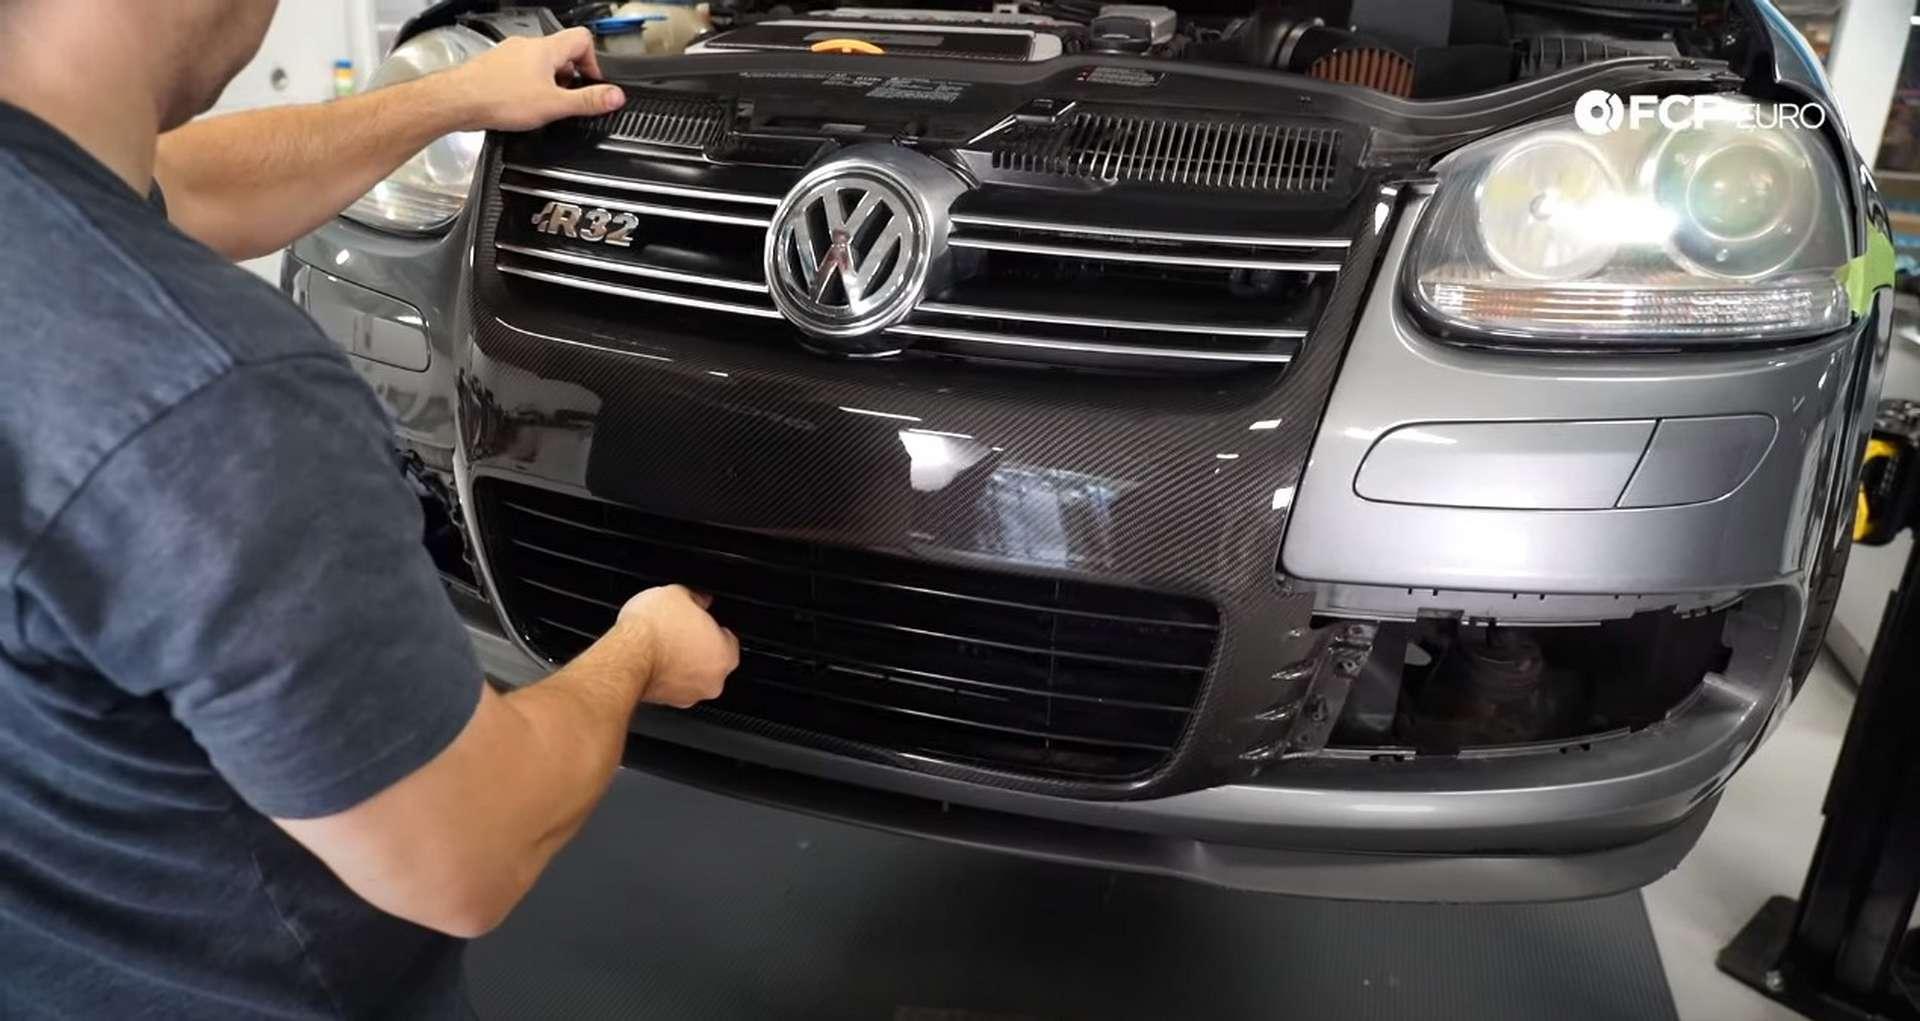 11-DIY-VW-VR6-Valve-Cover-Gasket-Entering-Service-Position